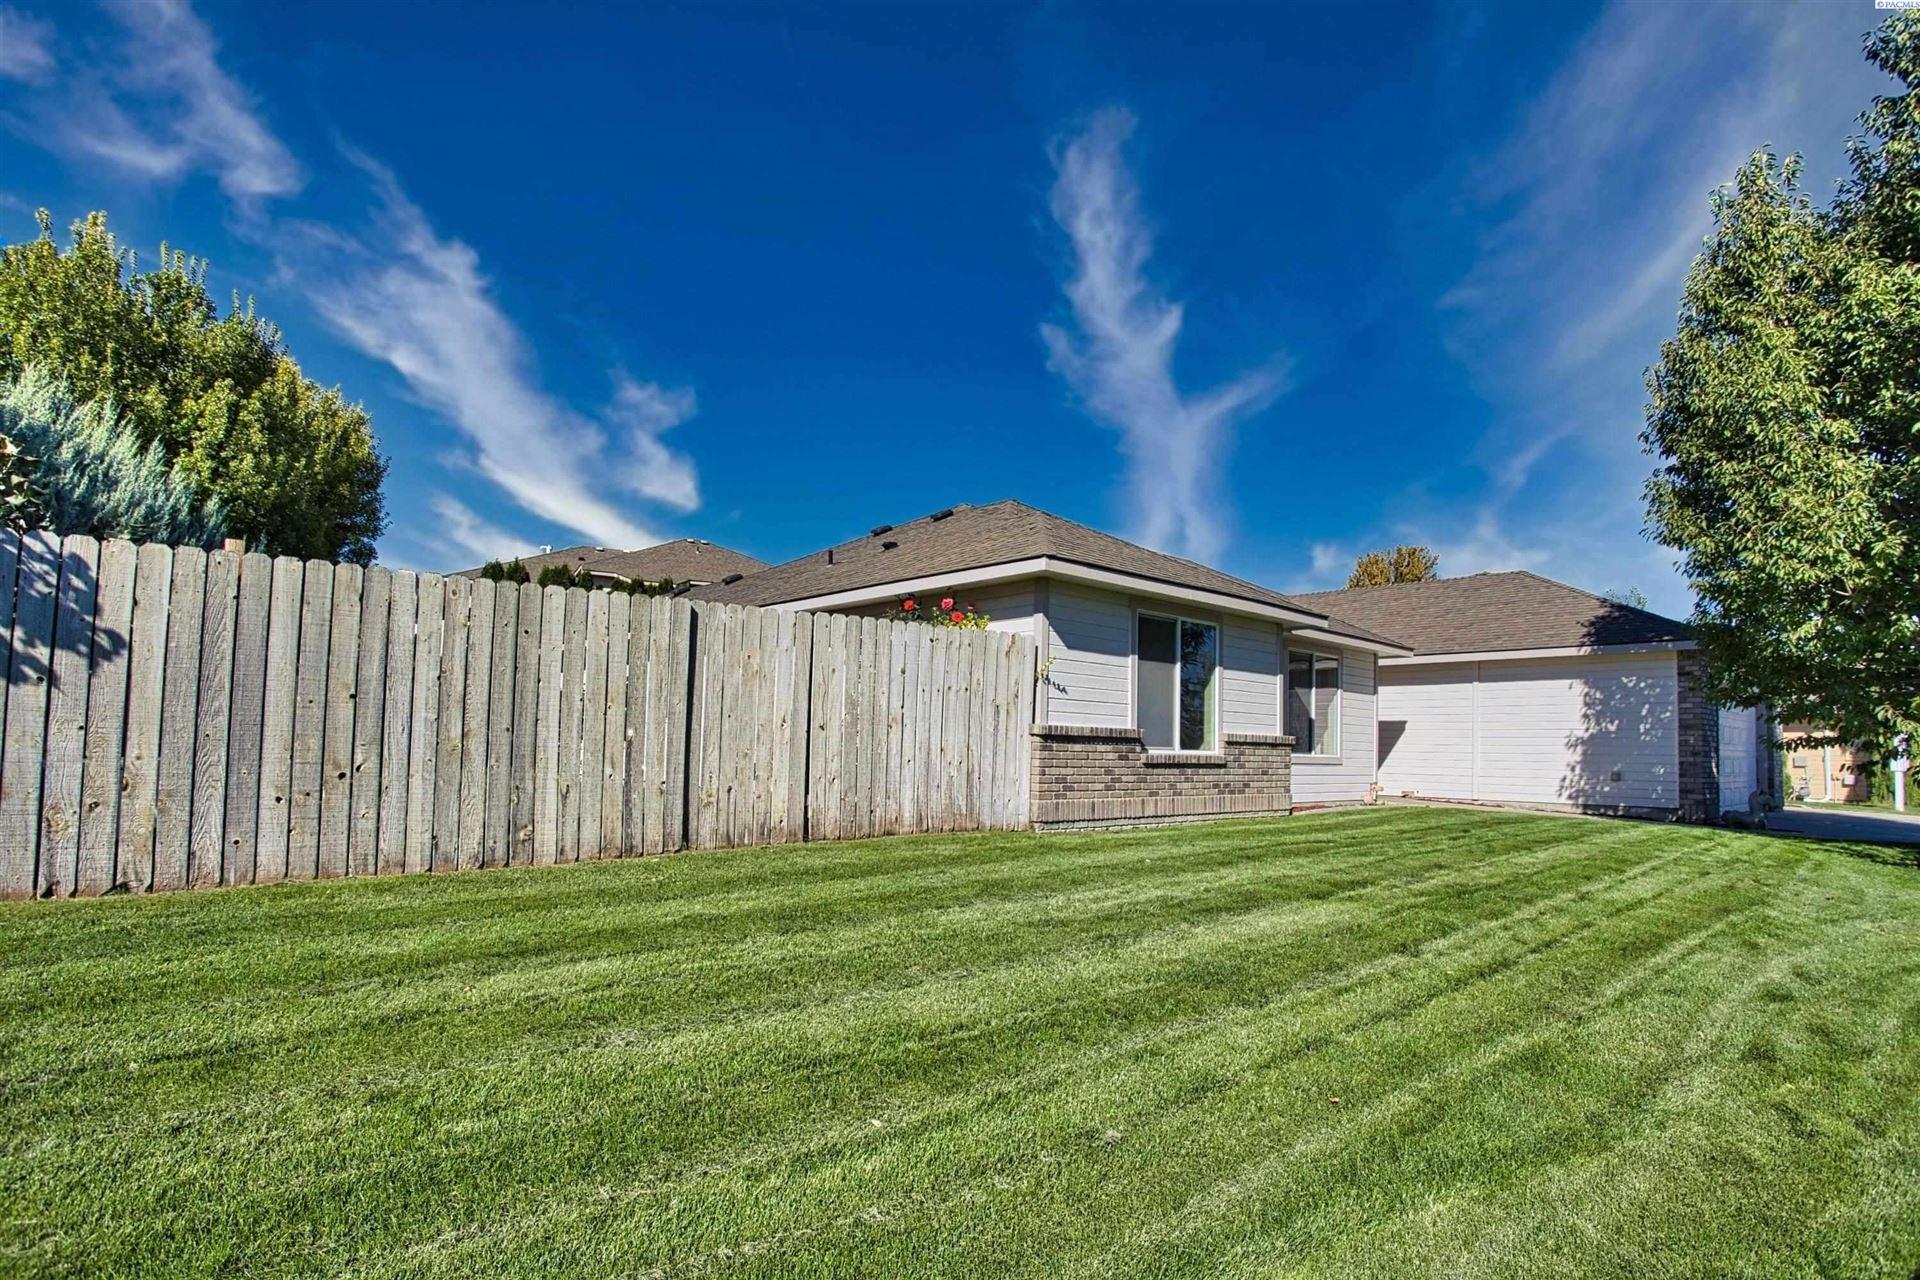 Photo of 186 Sell Lane, Richland, WA 99352 (MLS # 256617)